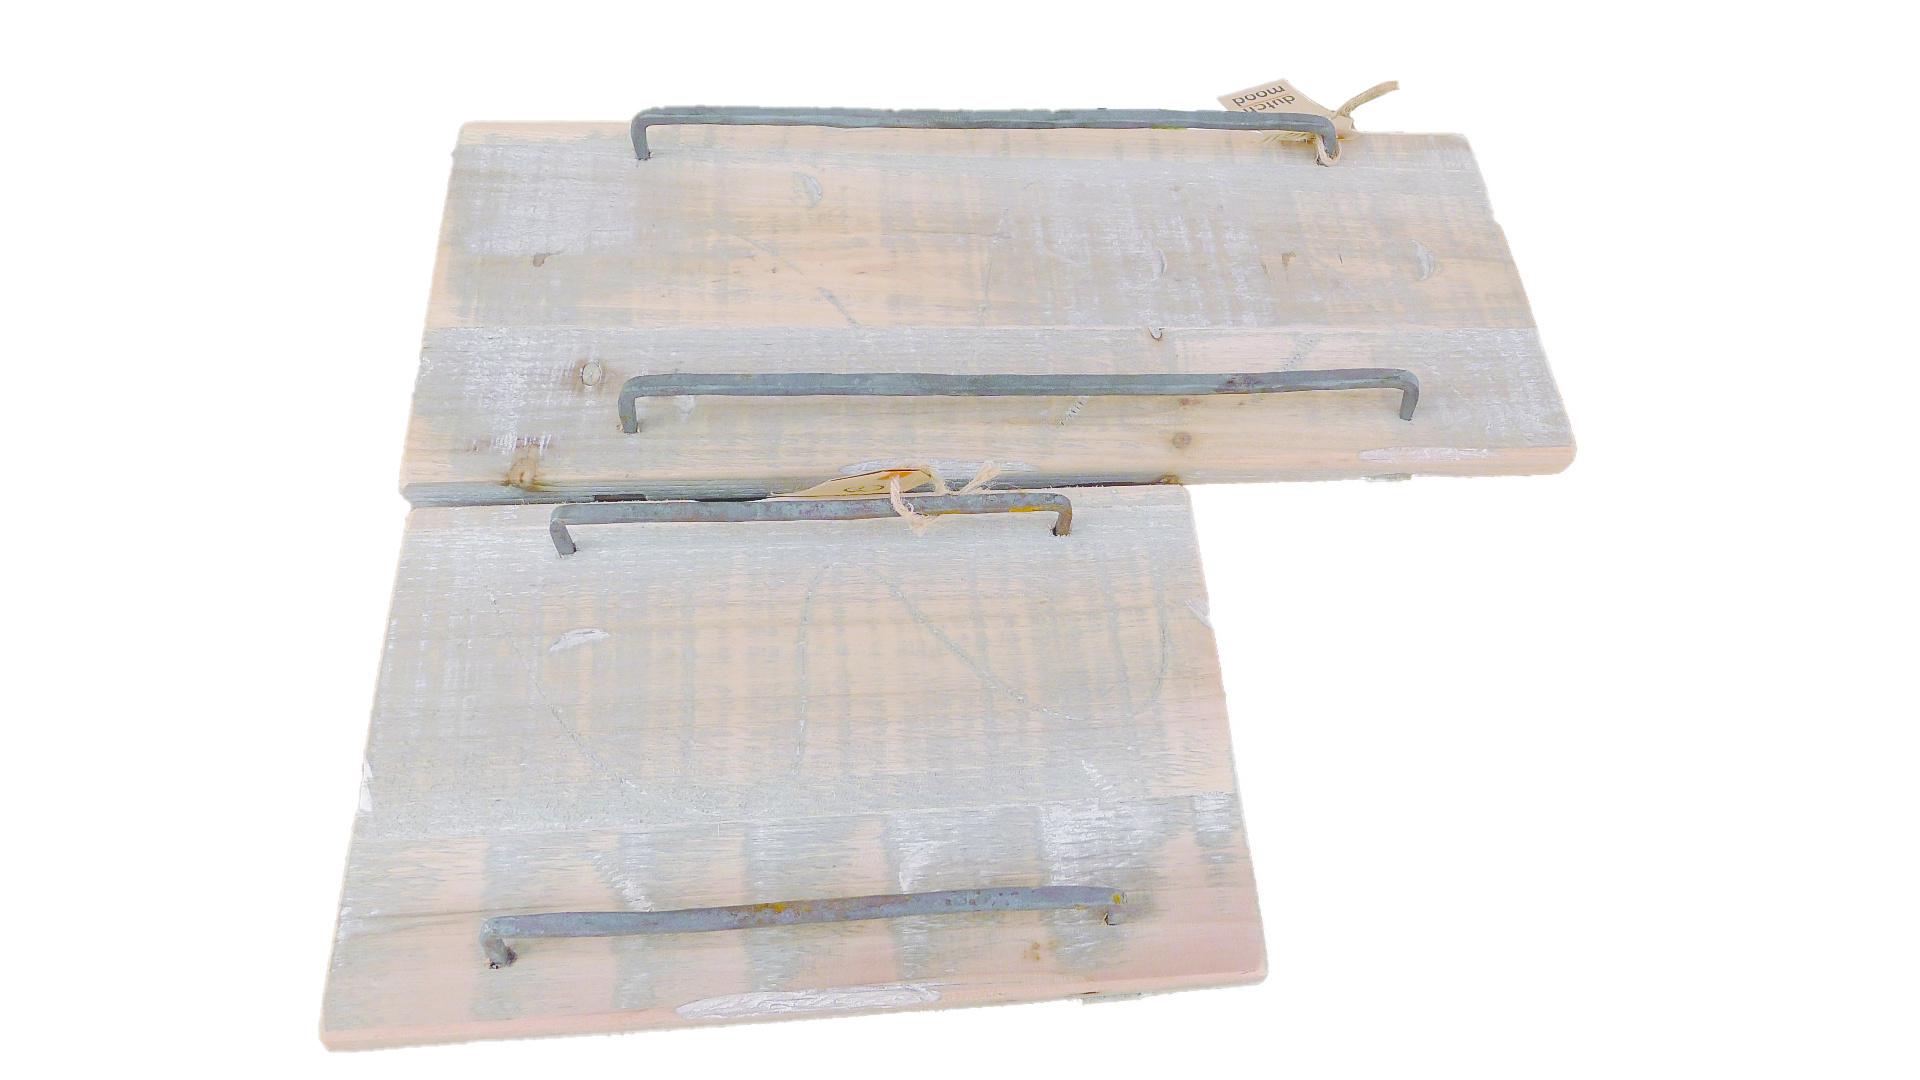 tray old dutchmet vert 48-2